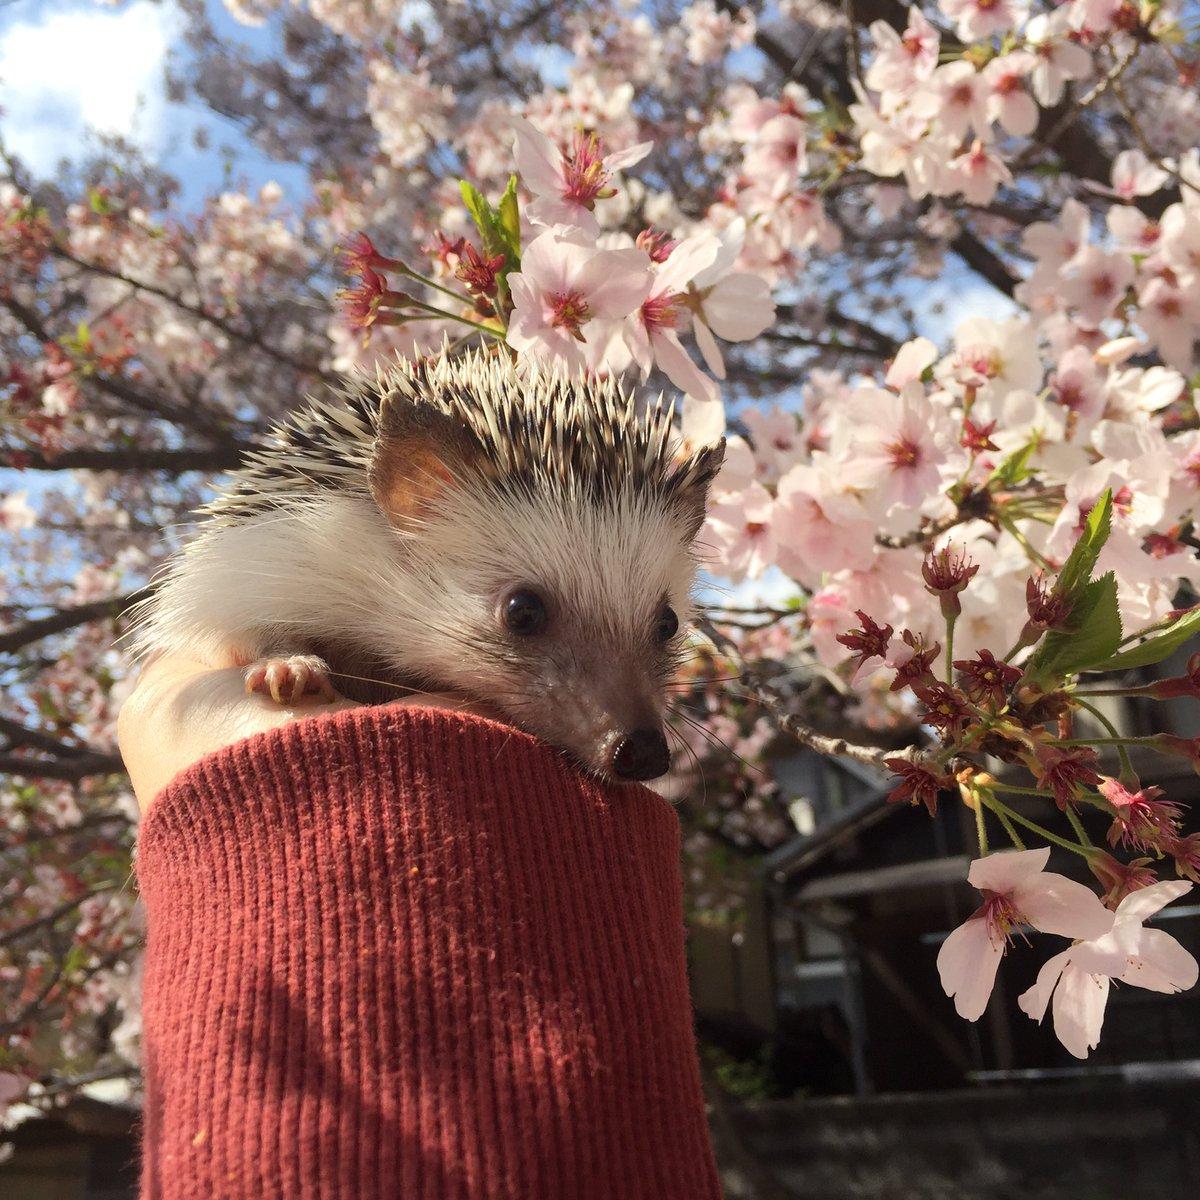 昼から休みだったので、やっとこさ念願のお花見に行けました🌸松太郎は桜吹雪にフシュりながらも、良い写真を撮らせてくれました